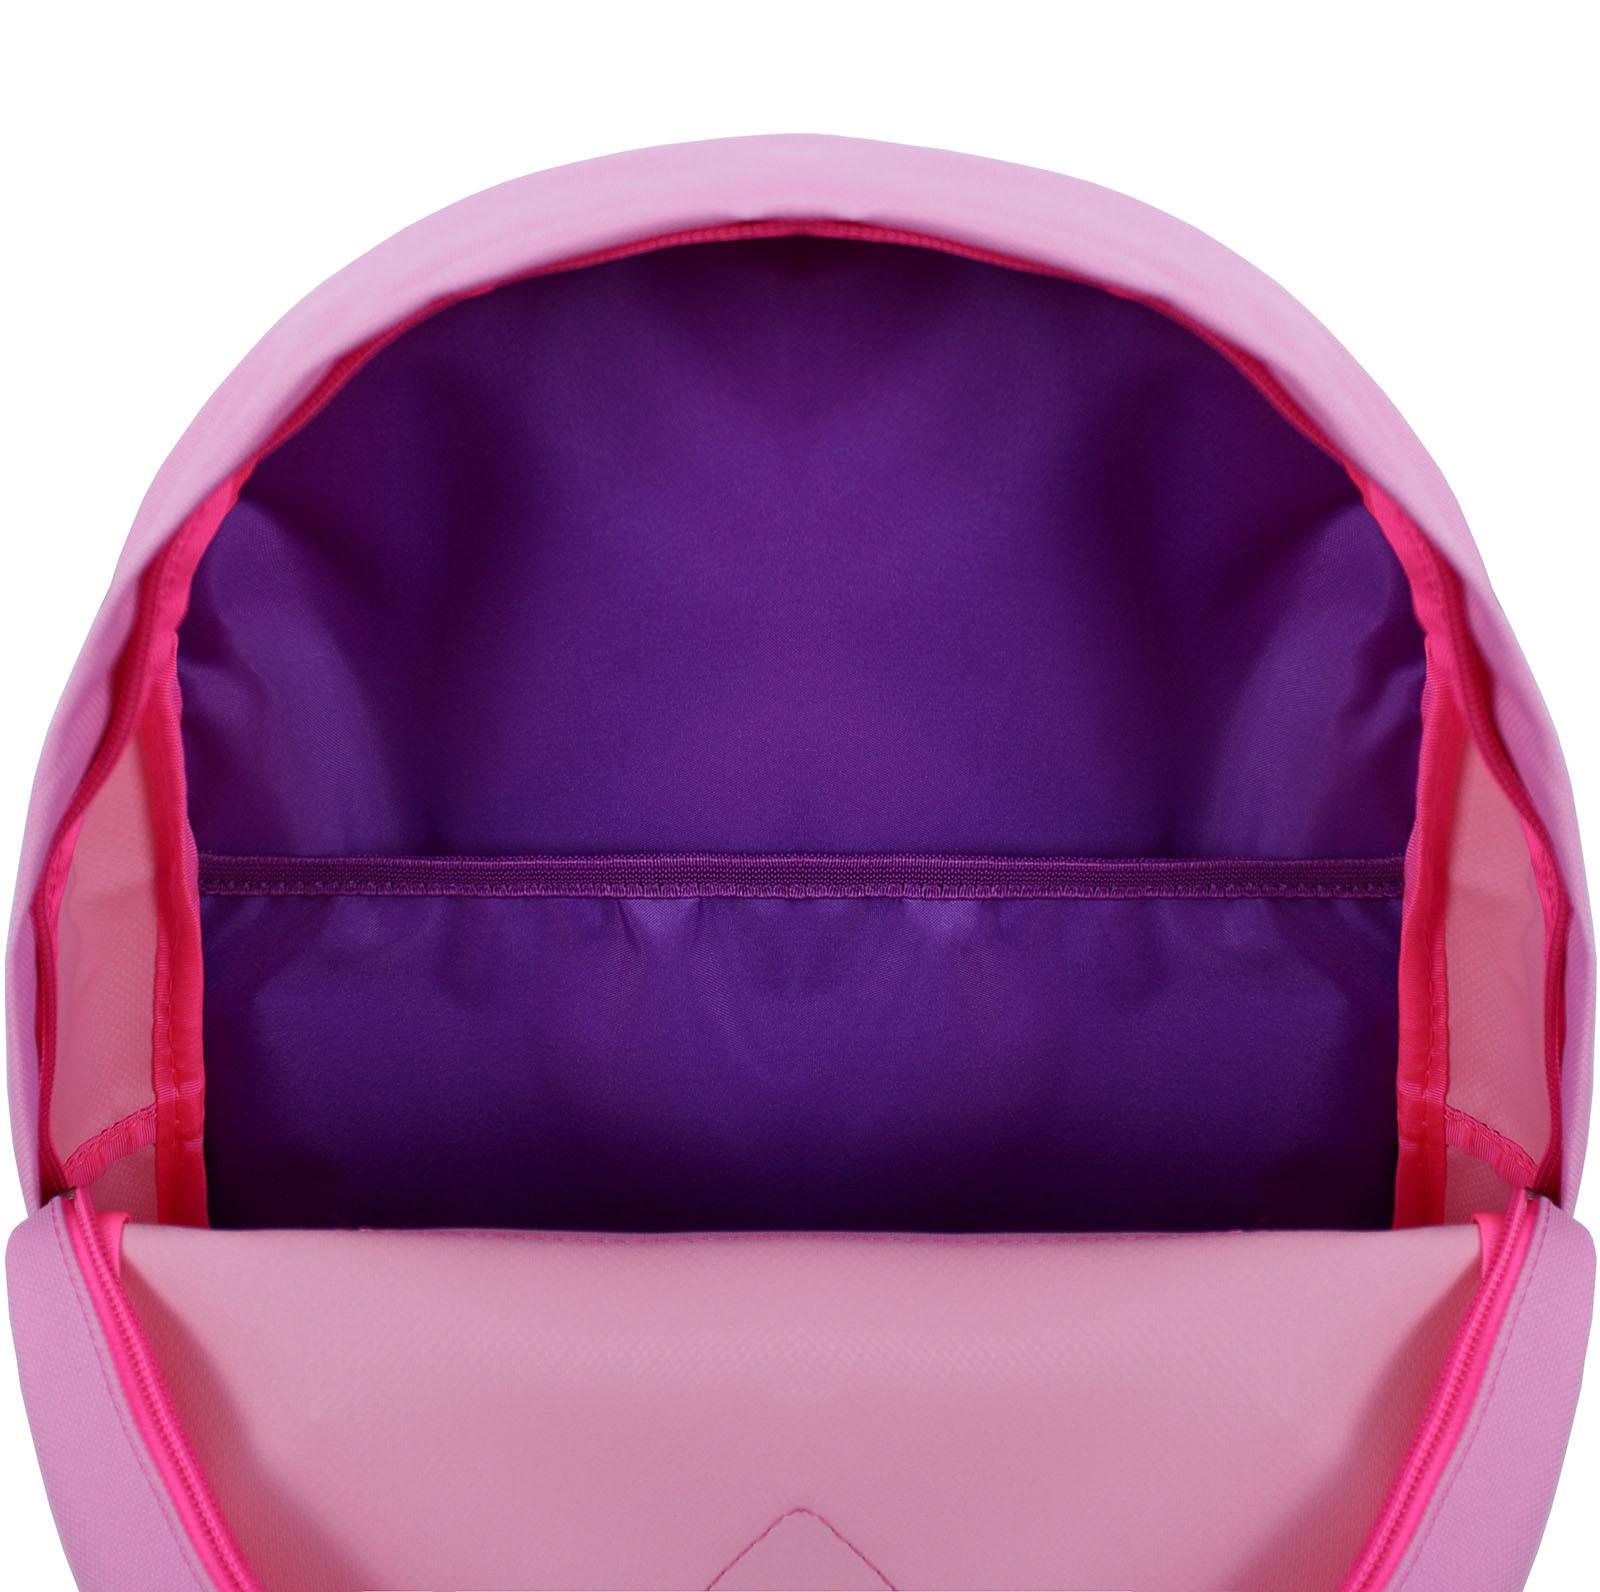 Рюкзак Bagland Молодежный W/R 17 л. розовый (00533662) фото 4